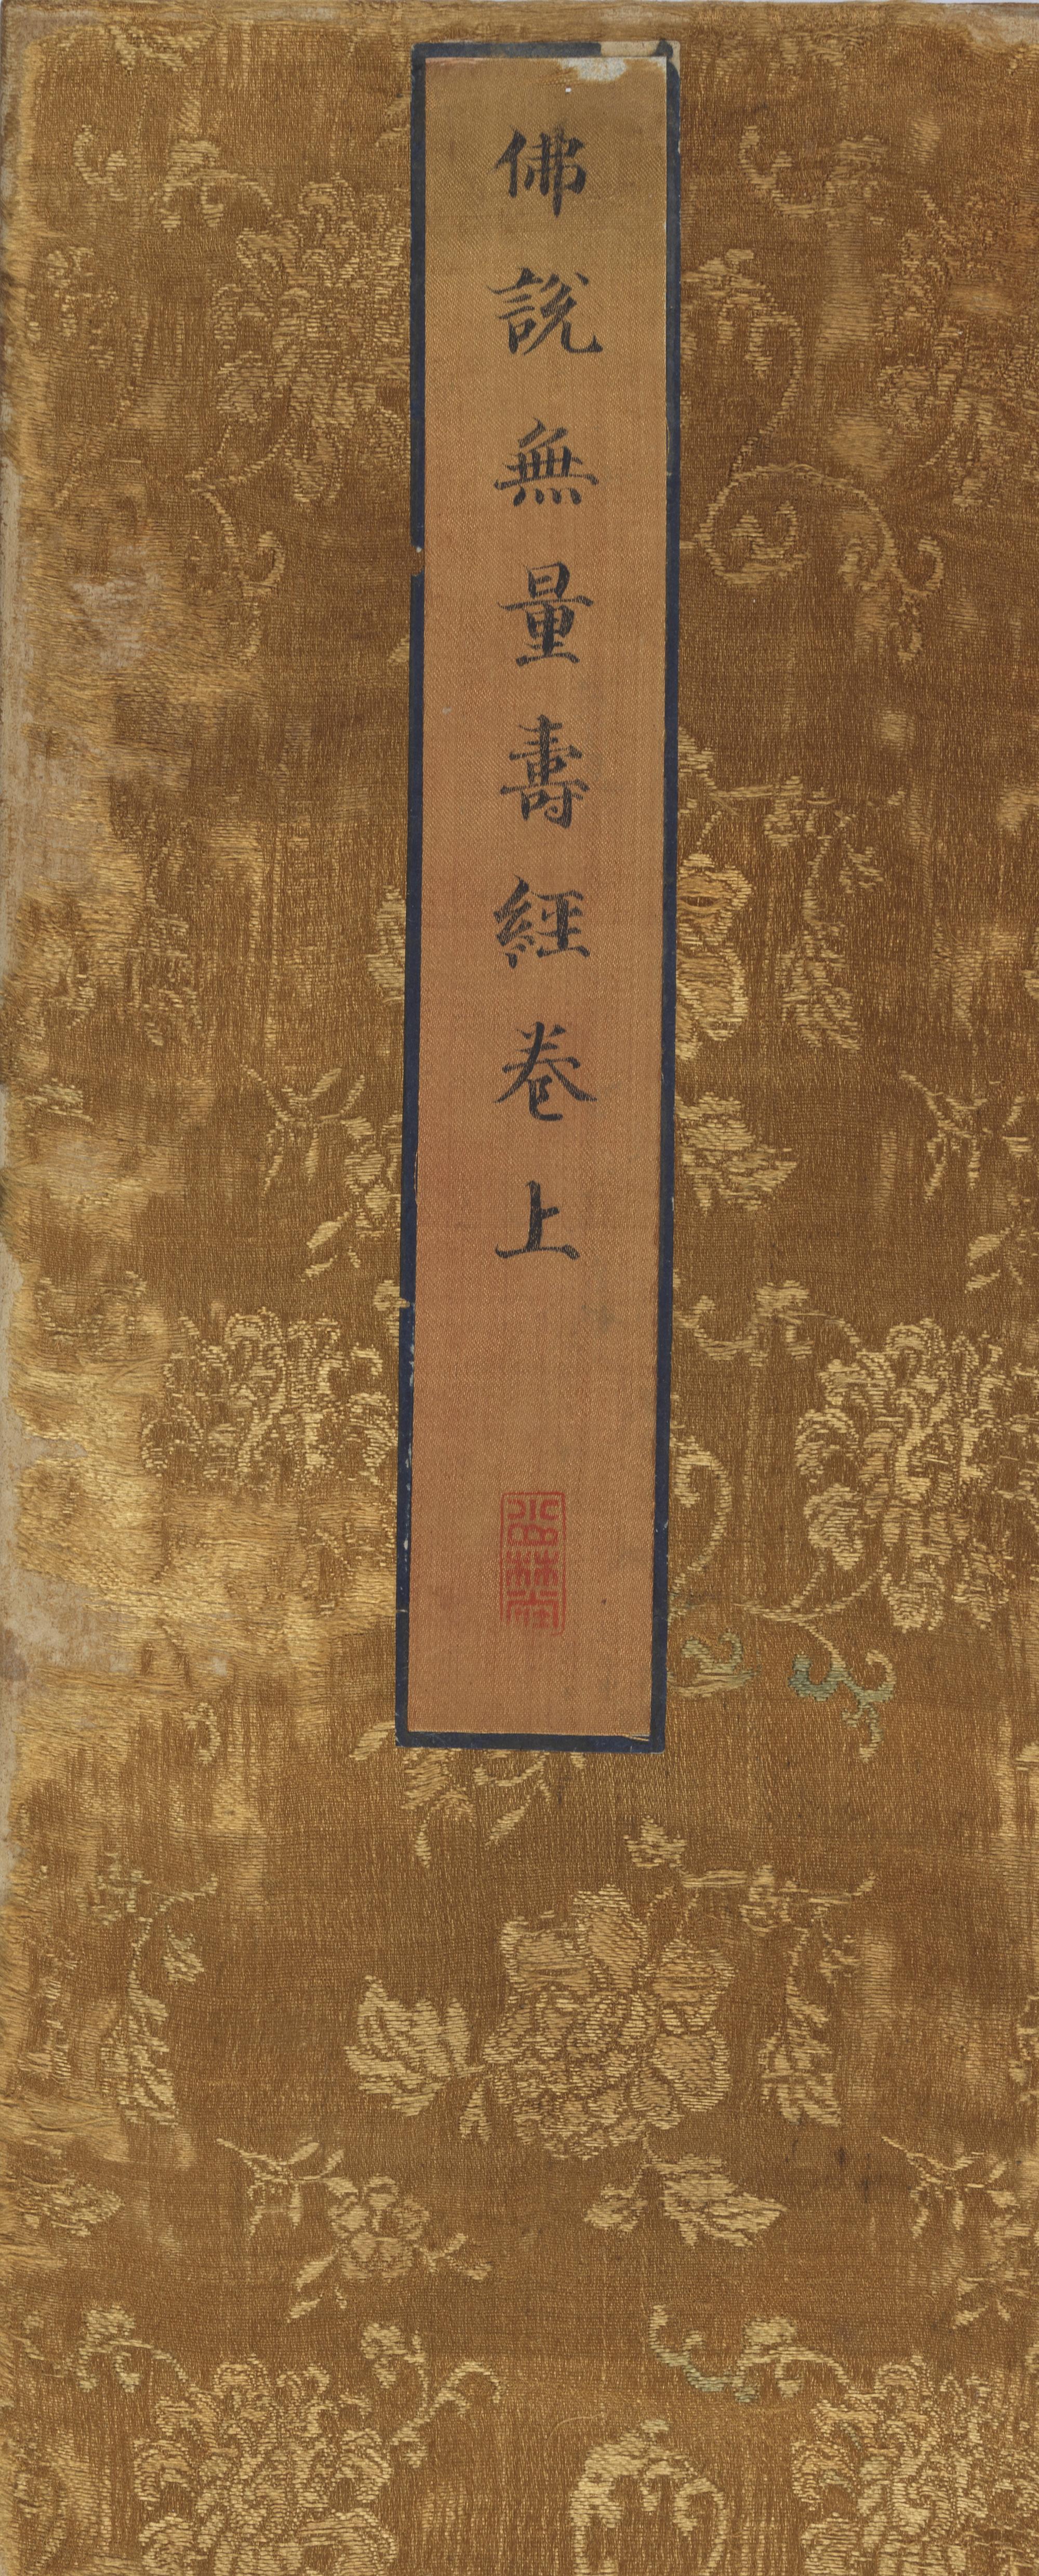 《佛说无量寿经》装帧考究,封面为明黄织锦合包而成,折枝花纹错落有致,正中贴镶边经签,系宋代以来典型的经折装样式。